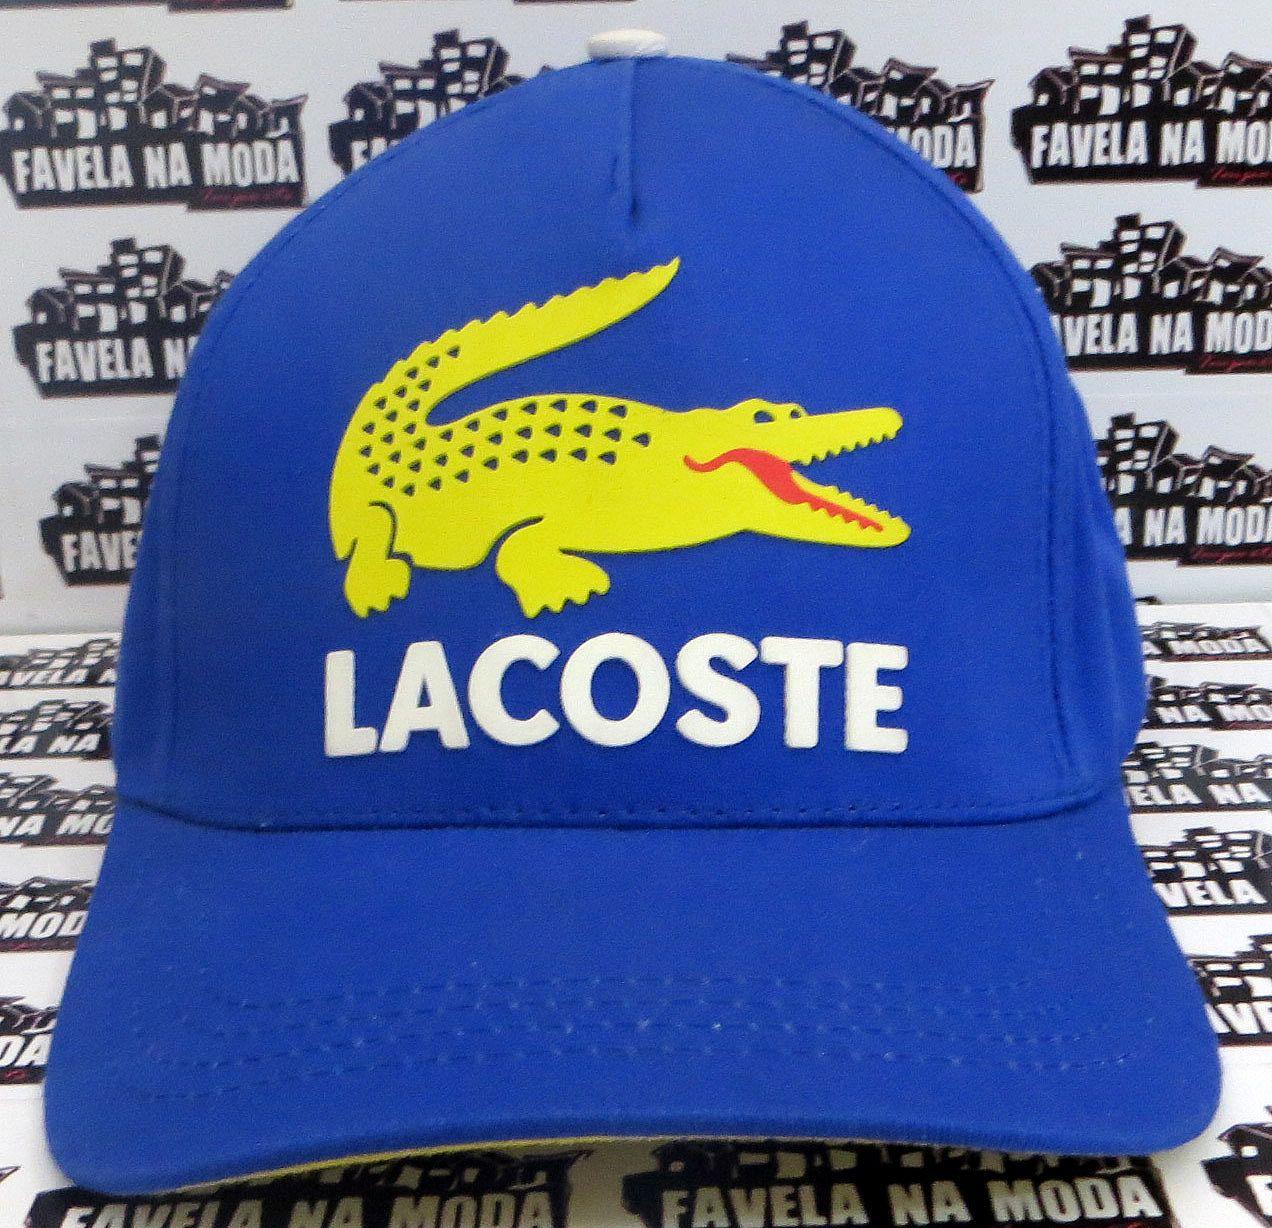 d726900c45044 Boné Lacoste de Fivela - Azul   Jacaré amarelo